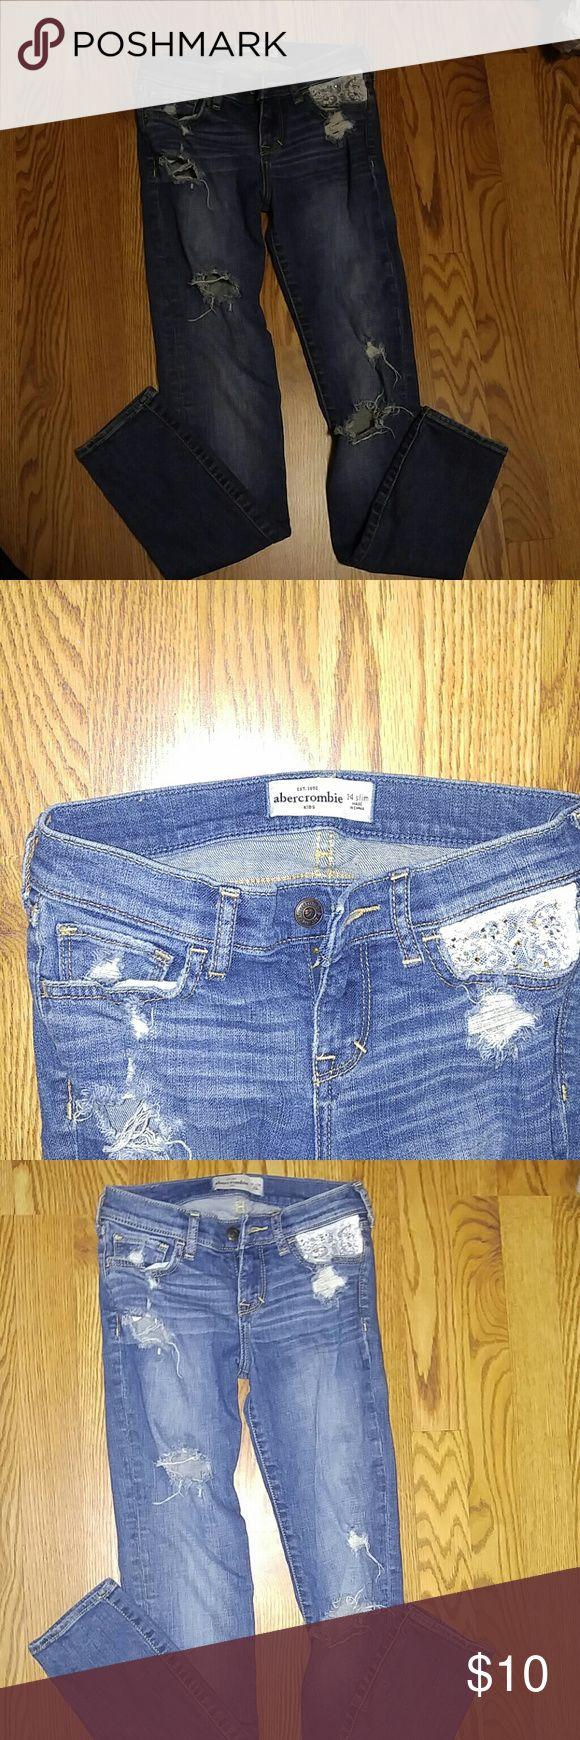 Abercrombie skinny jeans Girls Abercrombie torn skinny jeans abercrombie kids Bottoms Jeans